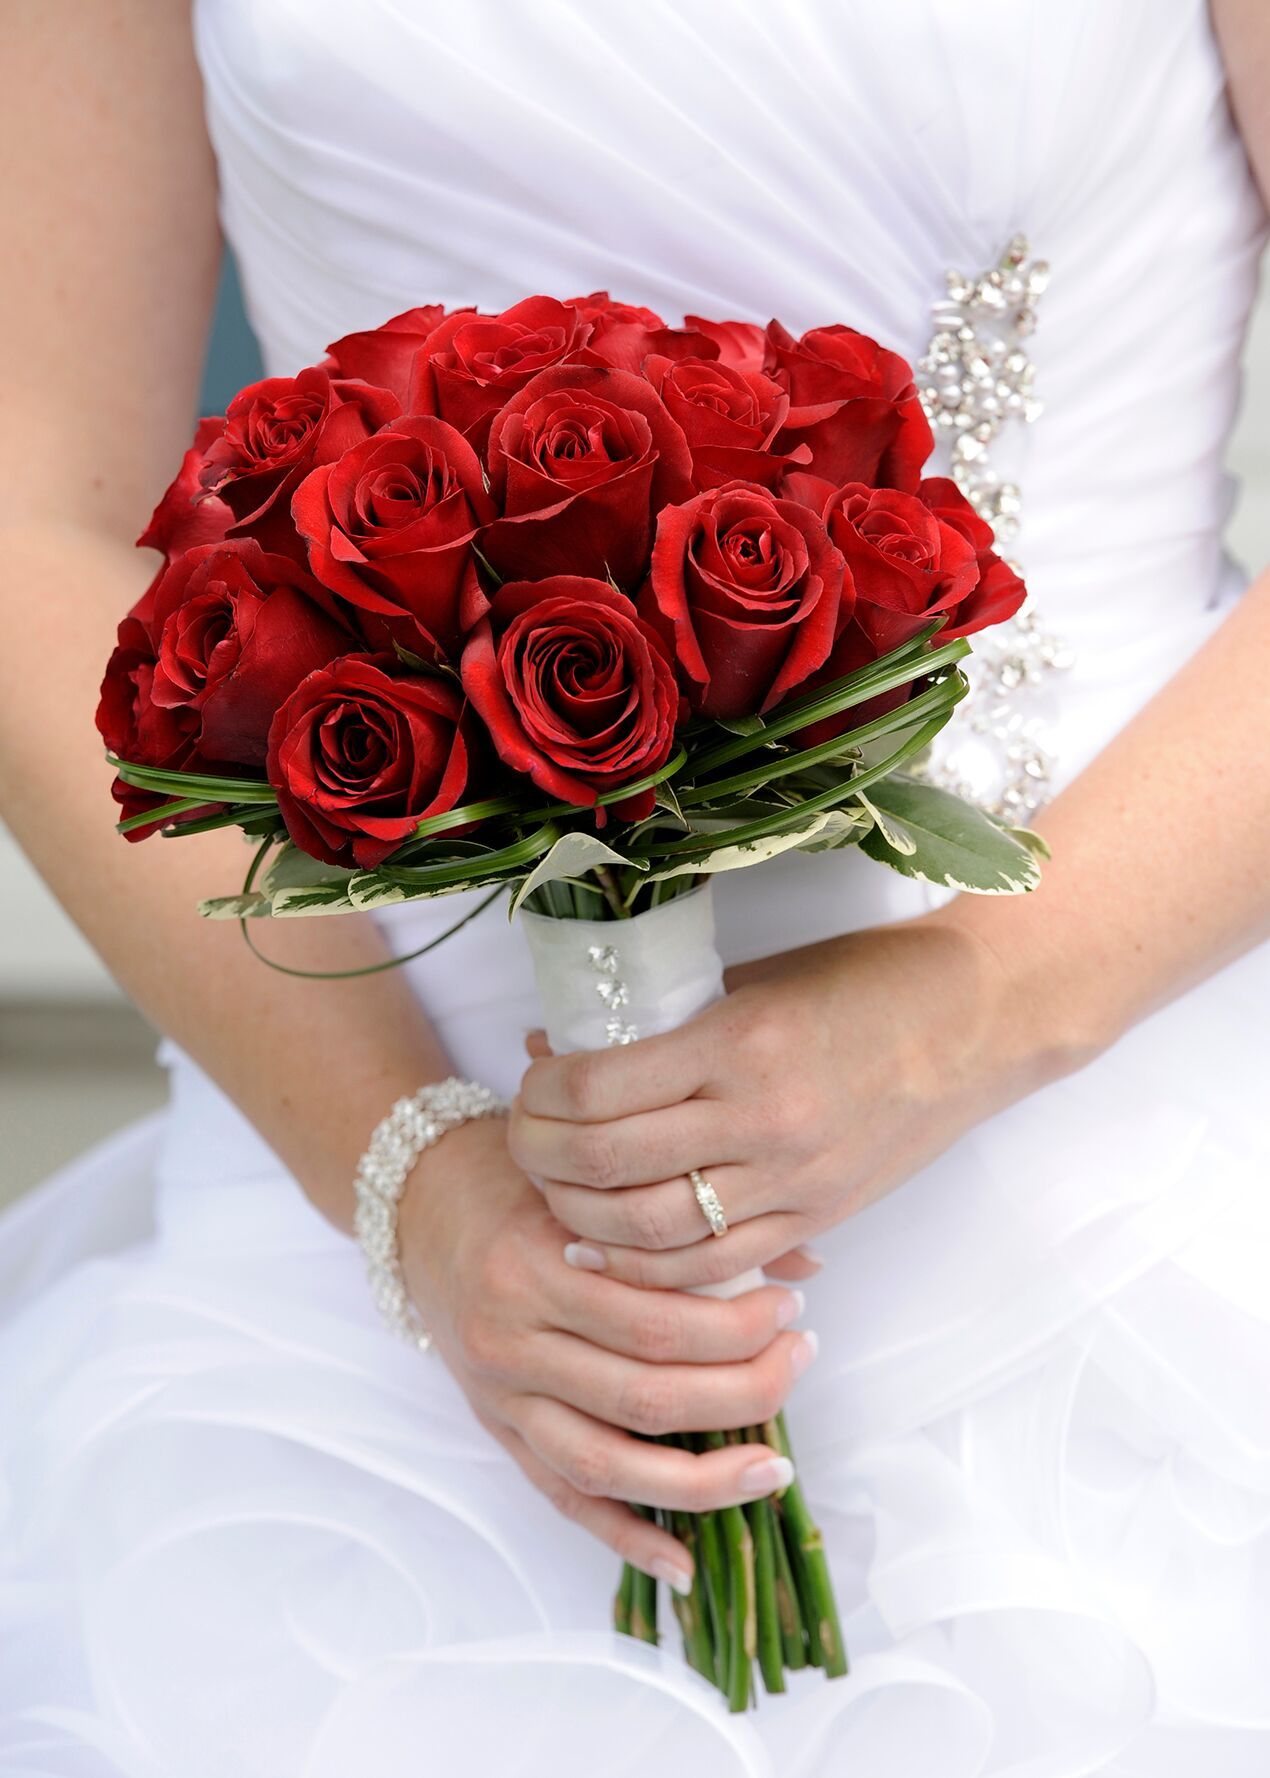 Свадебные букеты шариком фото из красных роз, красивые букеты